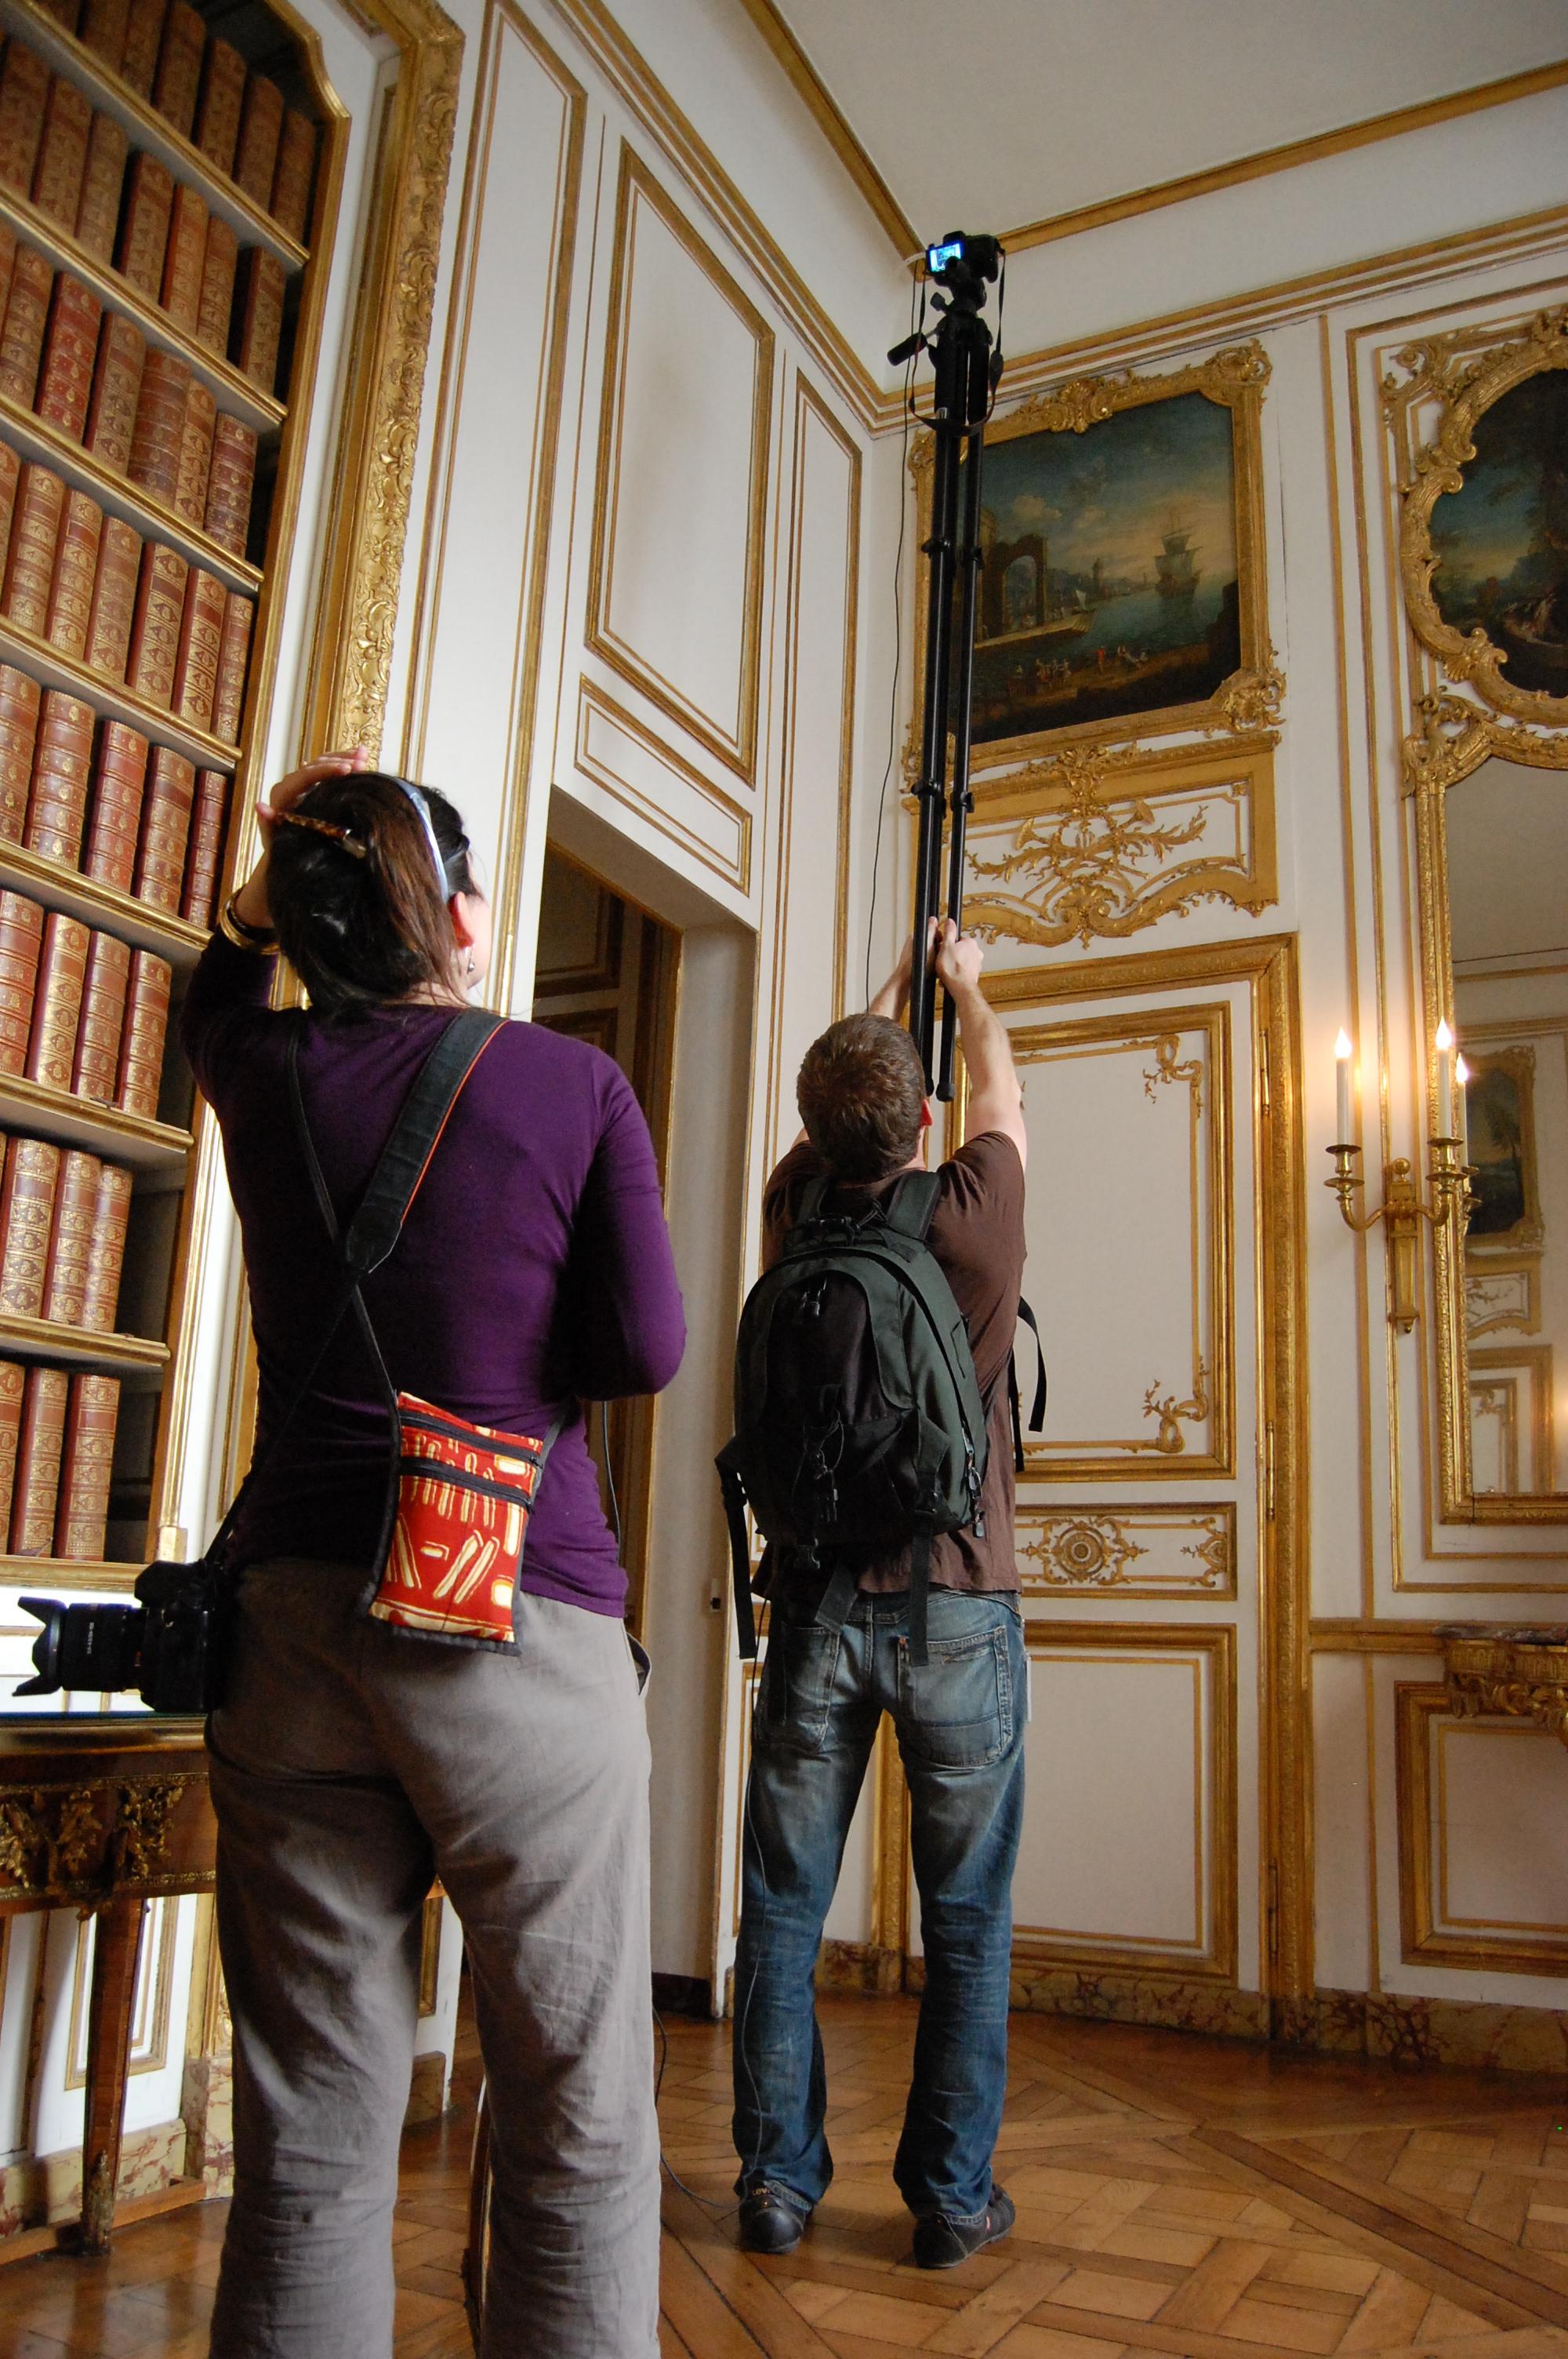 Des wikimédiens prennent des photos au château de Versailles (Trizek - CC-BY-SA)